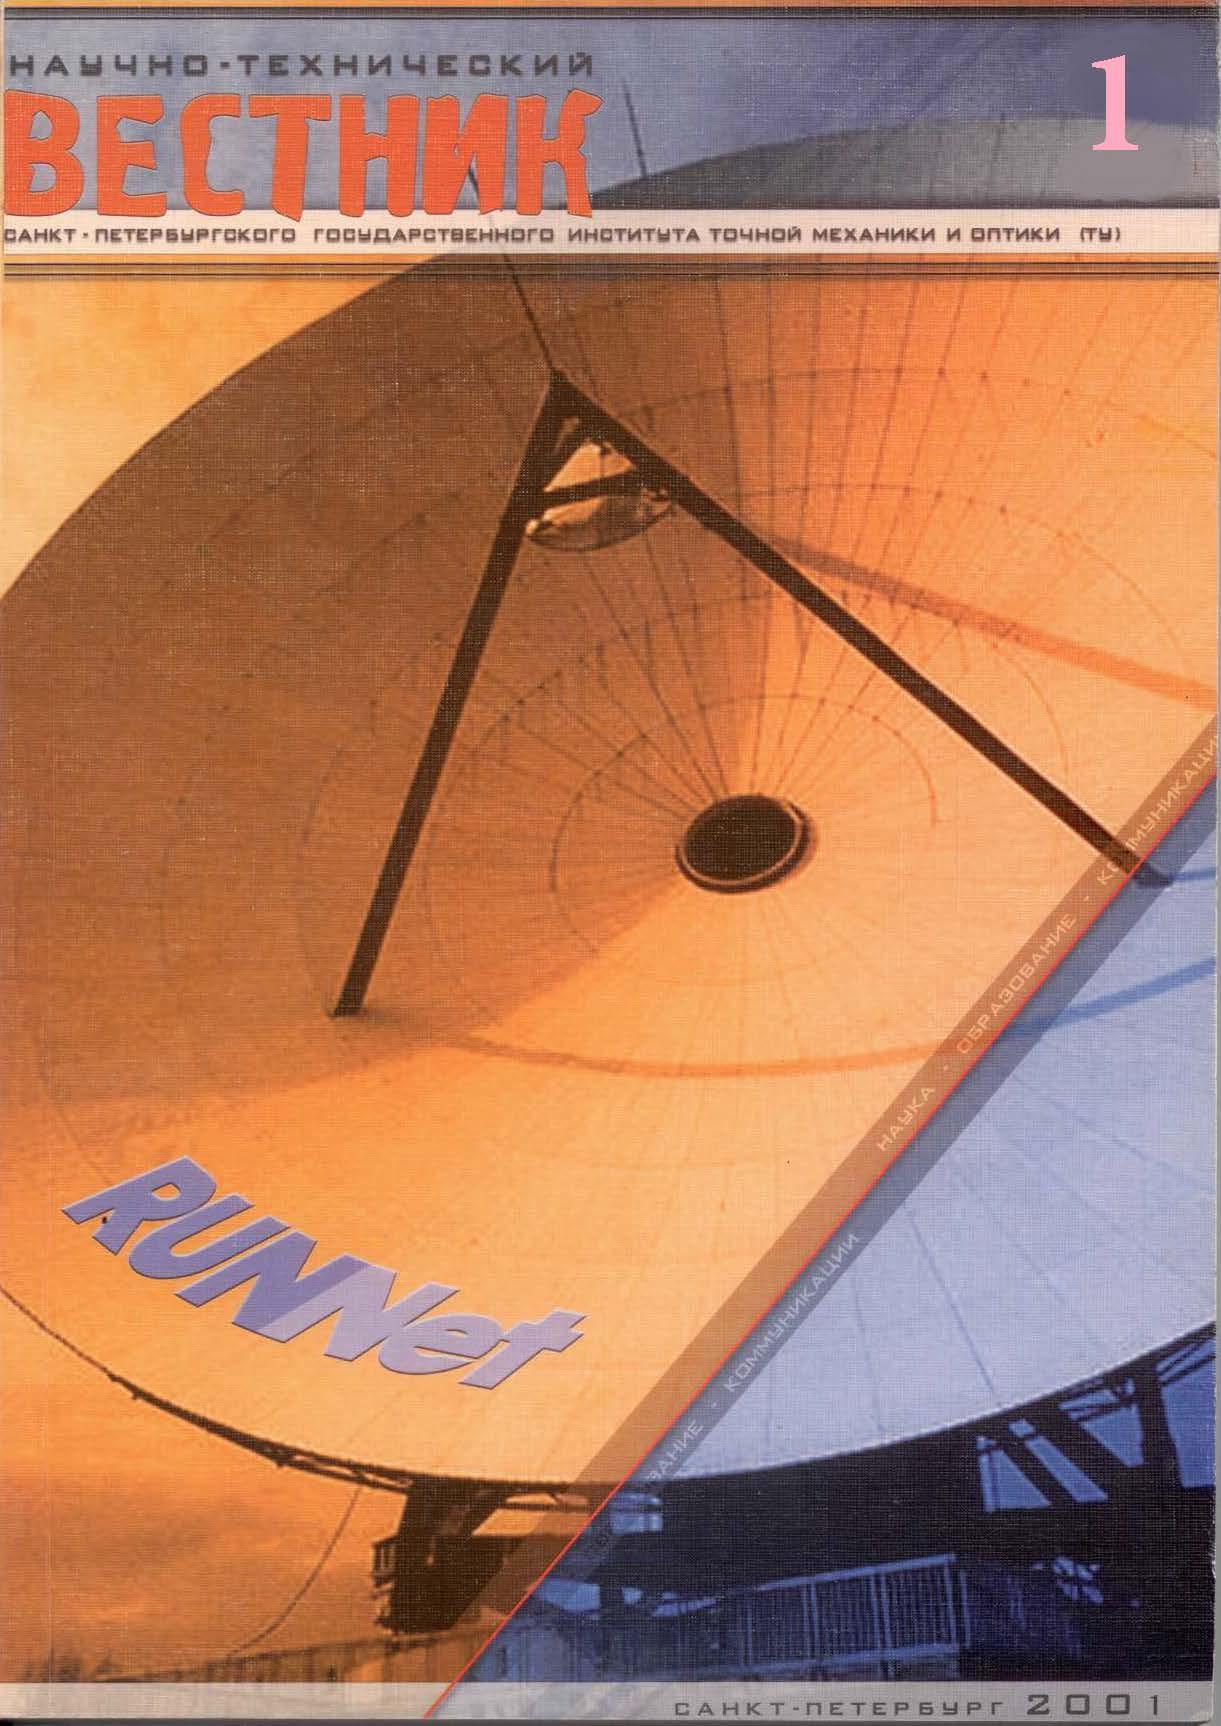 Обложка первого выпуска журнала